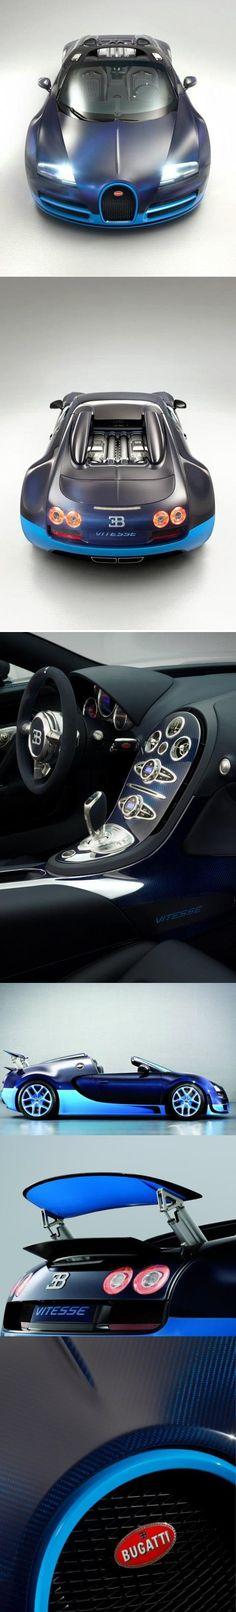 Buggati Veyron Vitesse